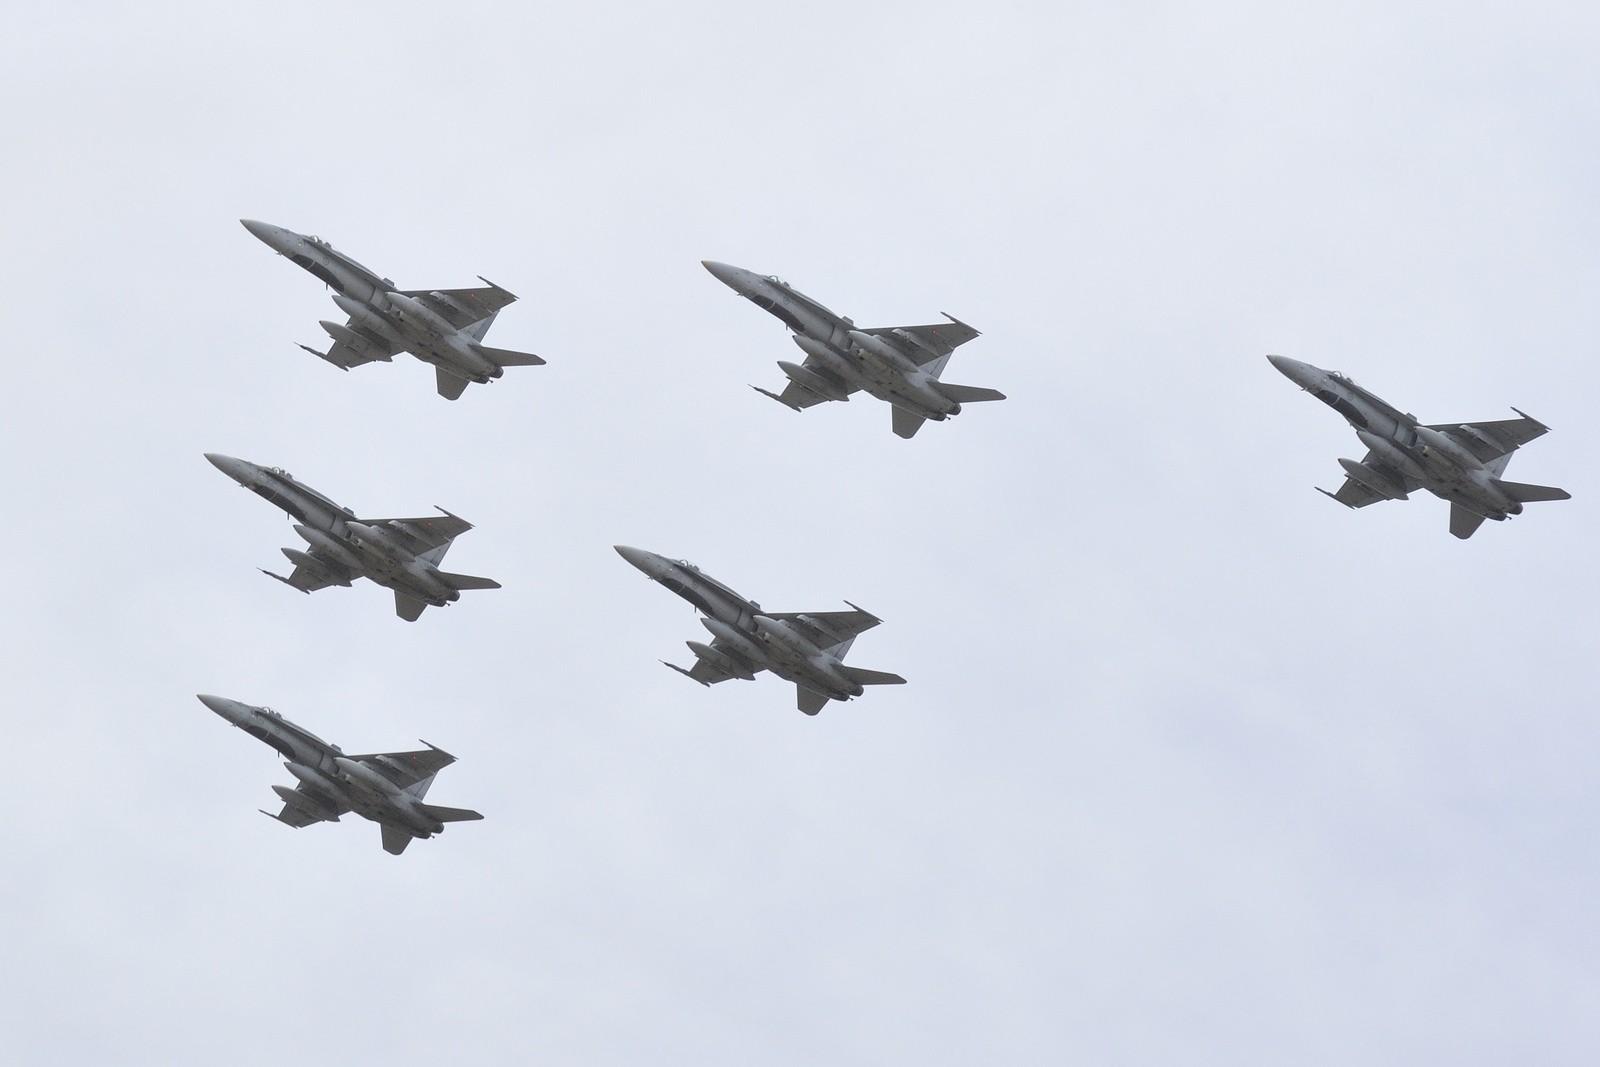 아직도 불분명한 캐나다의 F-35 전투기 도입 여부